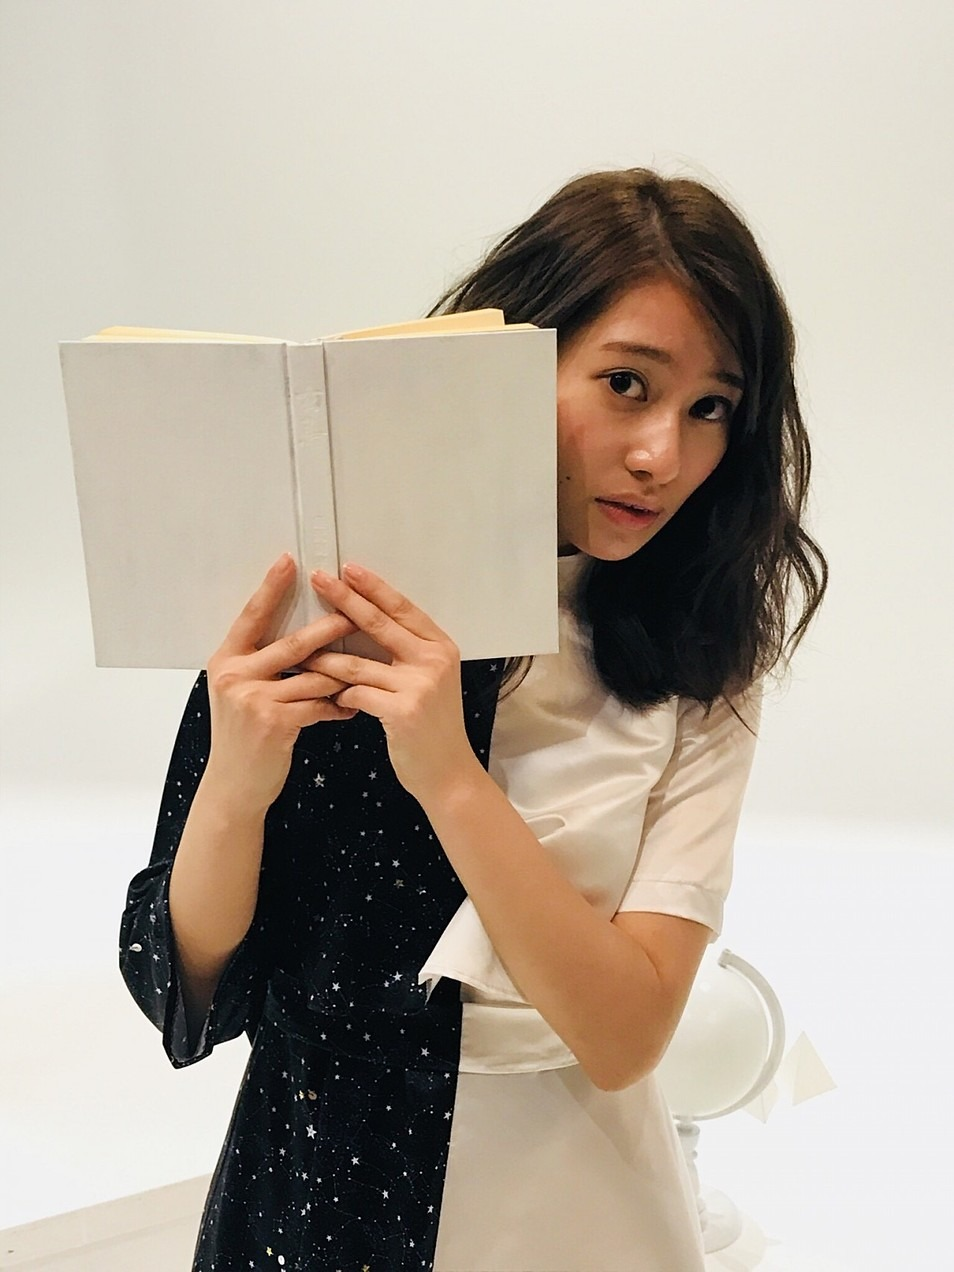 顔を覗かせているカワイイ桜井玲香(乃木坂46)の画像です。